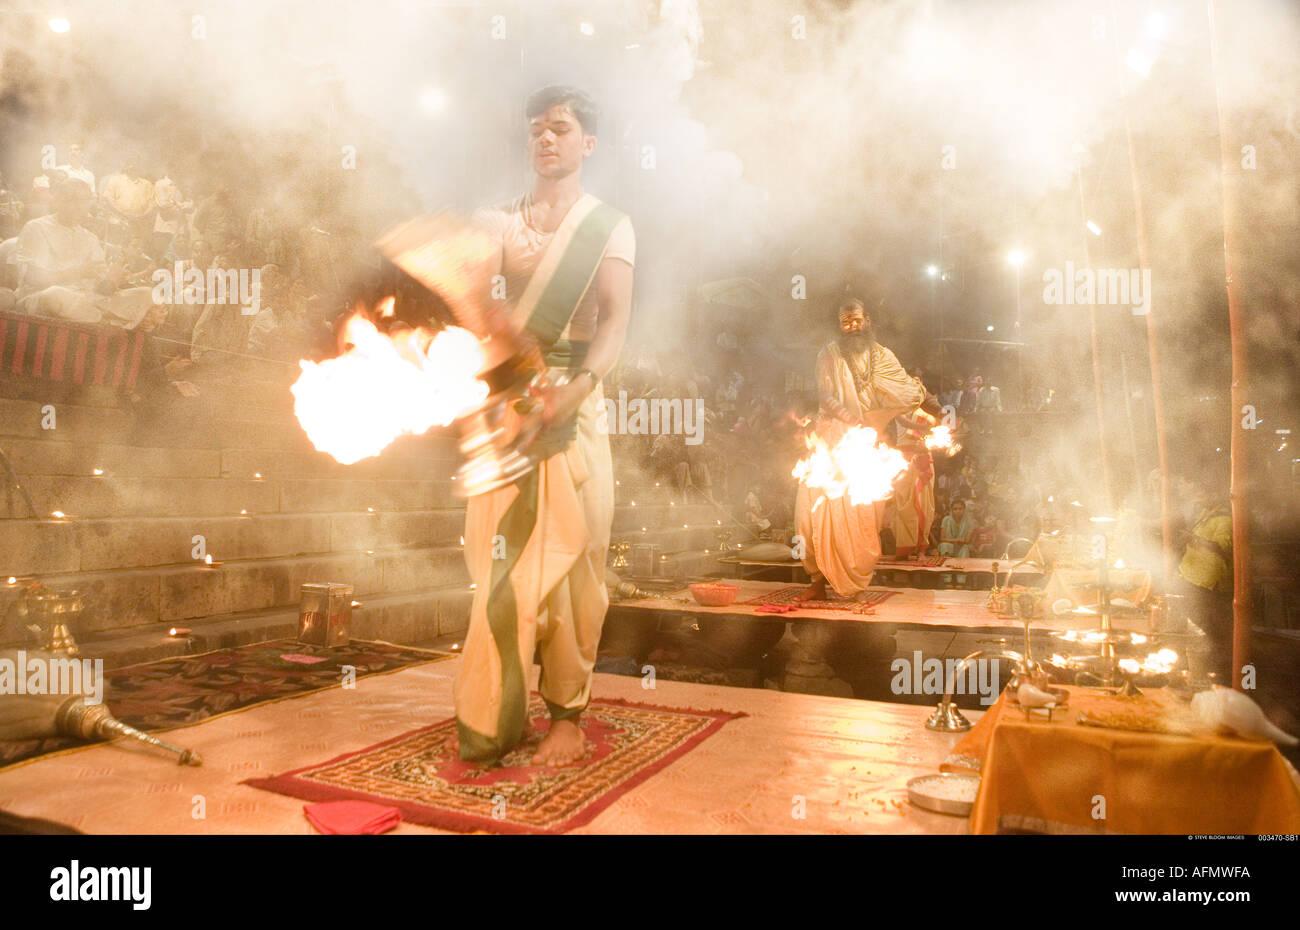 Hinduistische heilige Männer, die religiöse Zeremonie Puja Varanasi Indien durchführen Stockbild